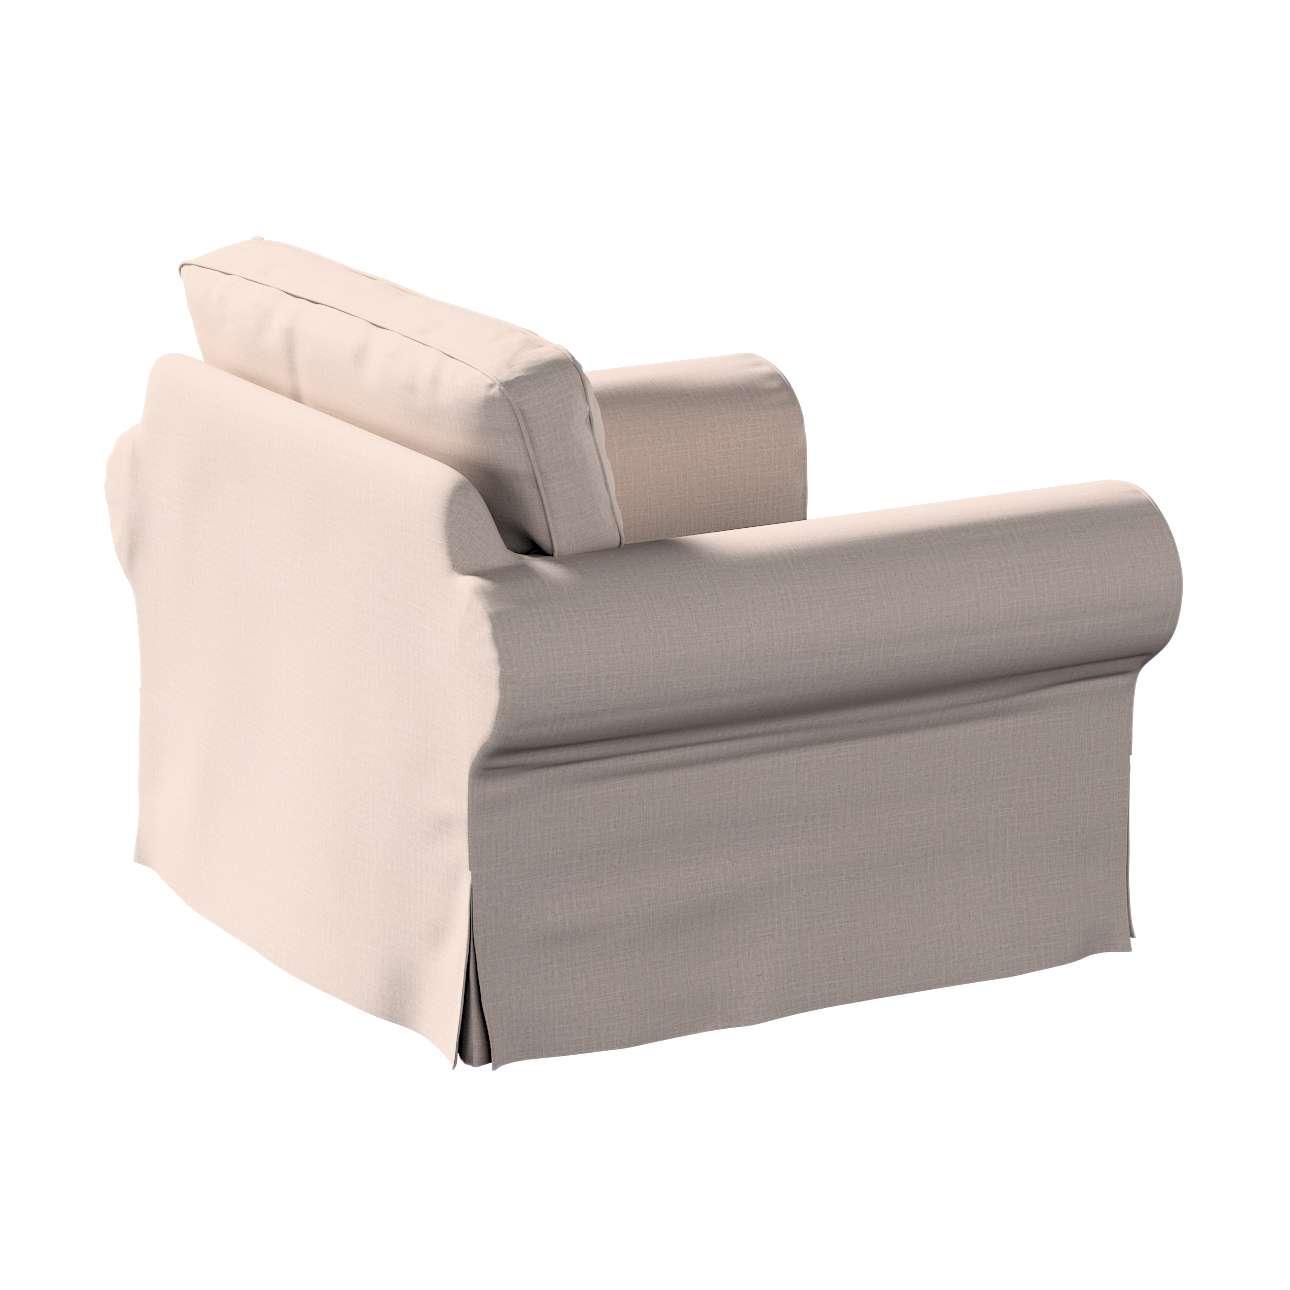 Pokrowiec na fotel Ektorp w kolekcji Living II, tkanina: 160-85